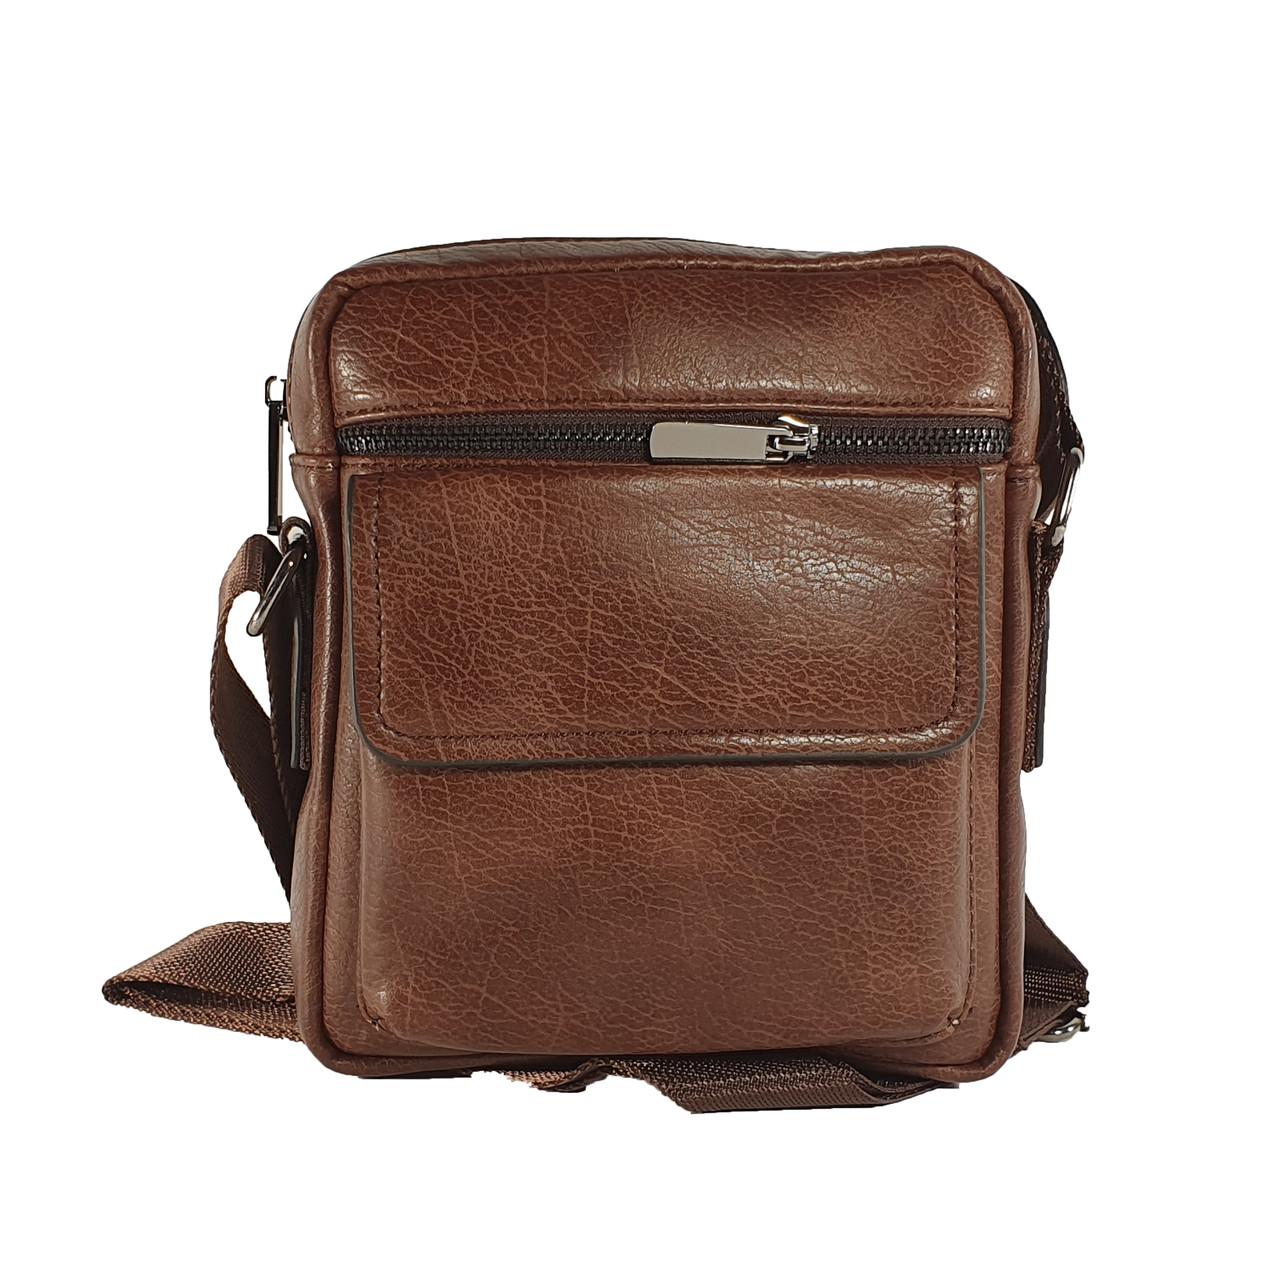 Многосекционная сумка из экокожи